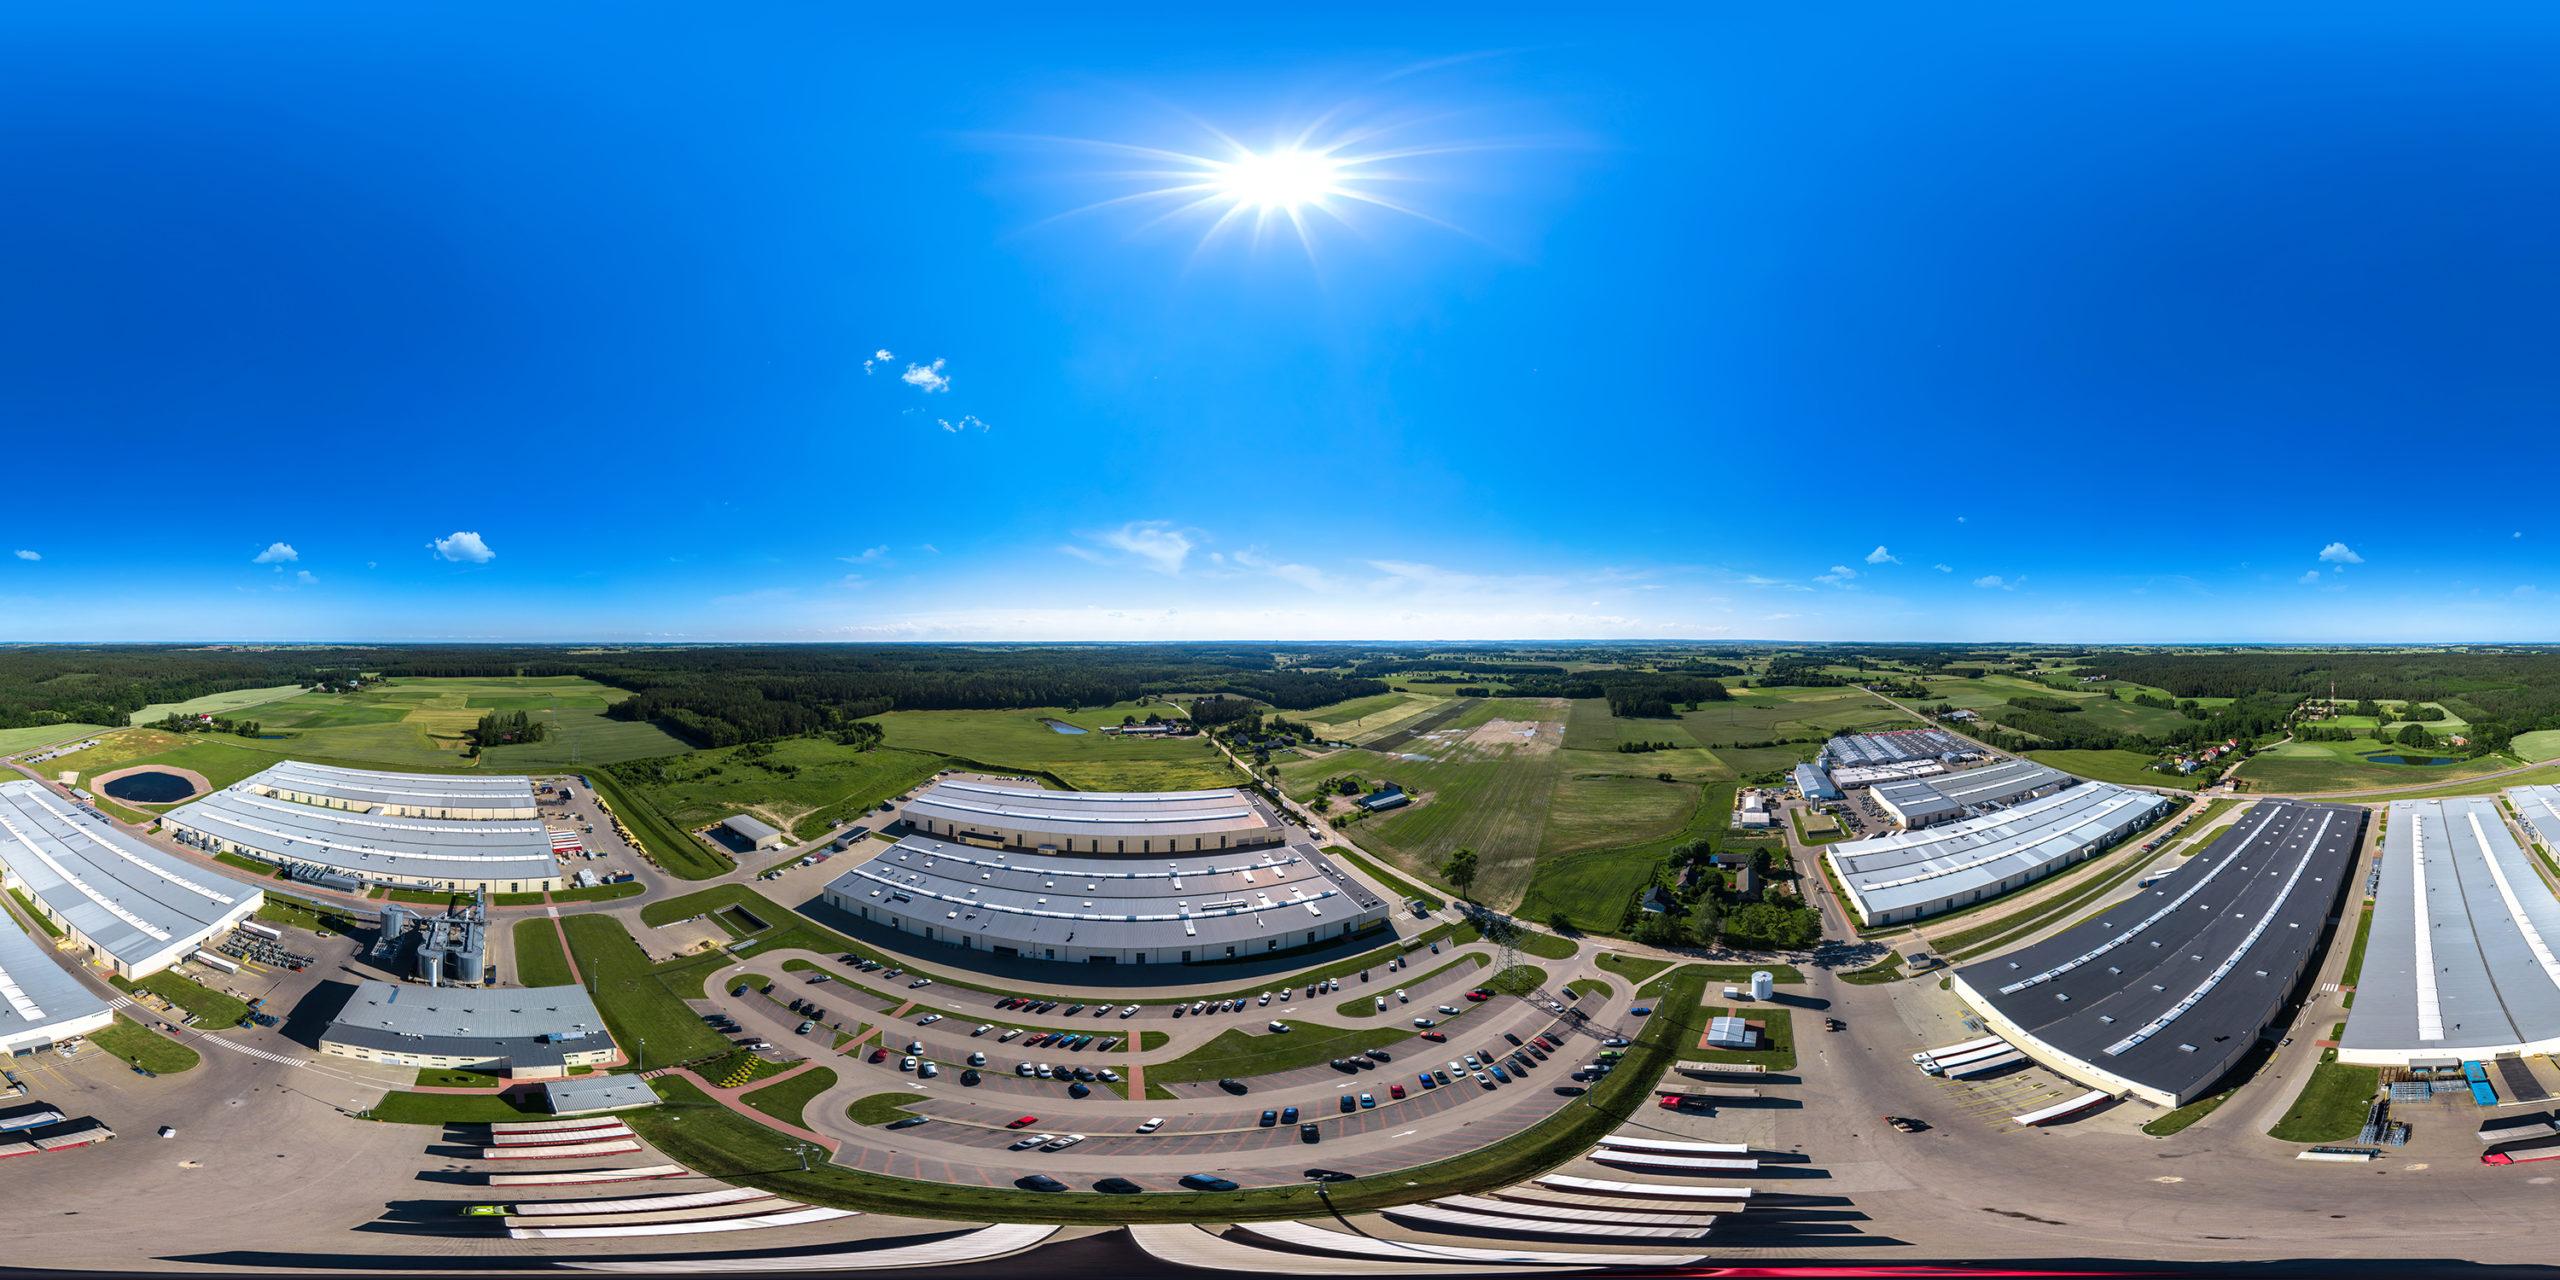 Panorama 360°, wirtualny spacer 360